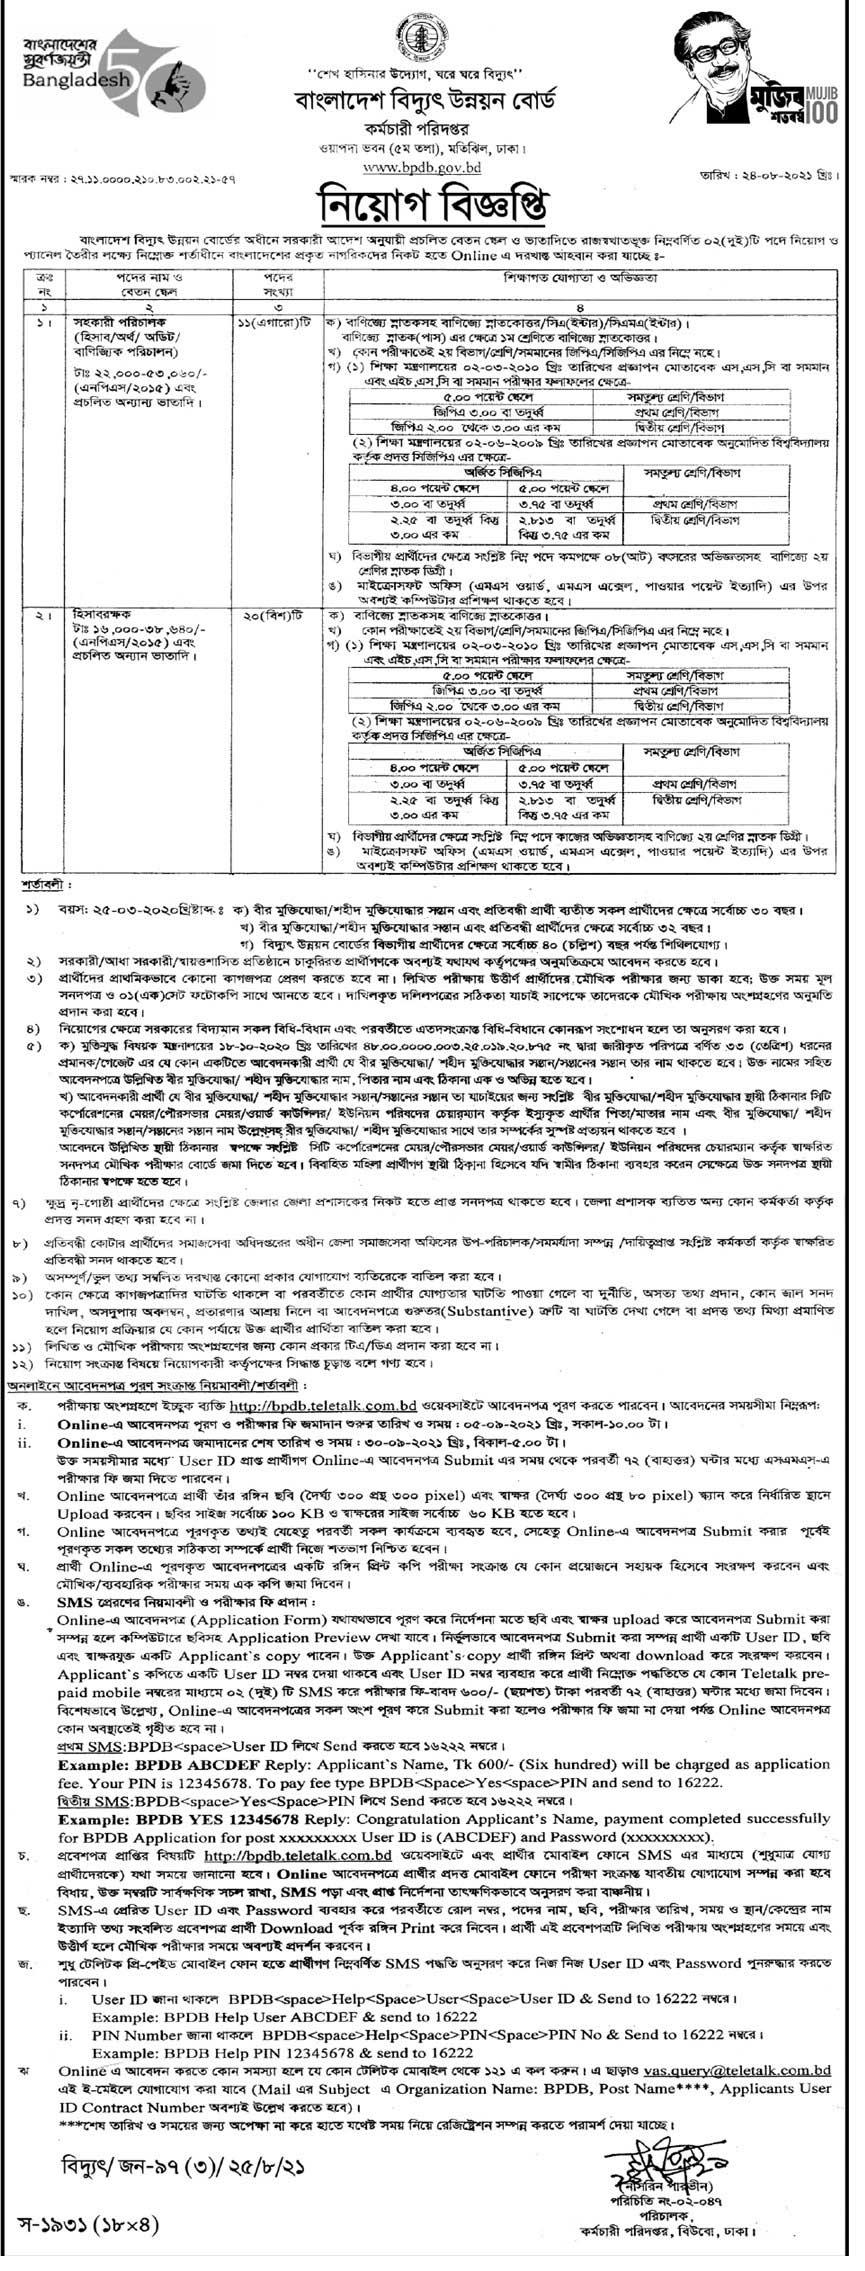 বিদ্যুৎ উন্নয়ন বোর্ড নিয়োগ ২০২১ -  - Bangladesh Power Development Board (PDB) Job Circular 2021 - বাংলাদেশ বিদ্যুৎ উন্নয়ন বোর্ড (পিডিবি) নিয়োগ বিজ্ঞপ্তি ২০২১ - বিদ্যুৎ উন্নয়ন বোর্ড নিয়োগ ২০২১ - বিদ্যুৎ উন্নয়ন বোর্ড নিয়োগ ২০২২